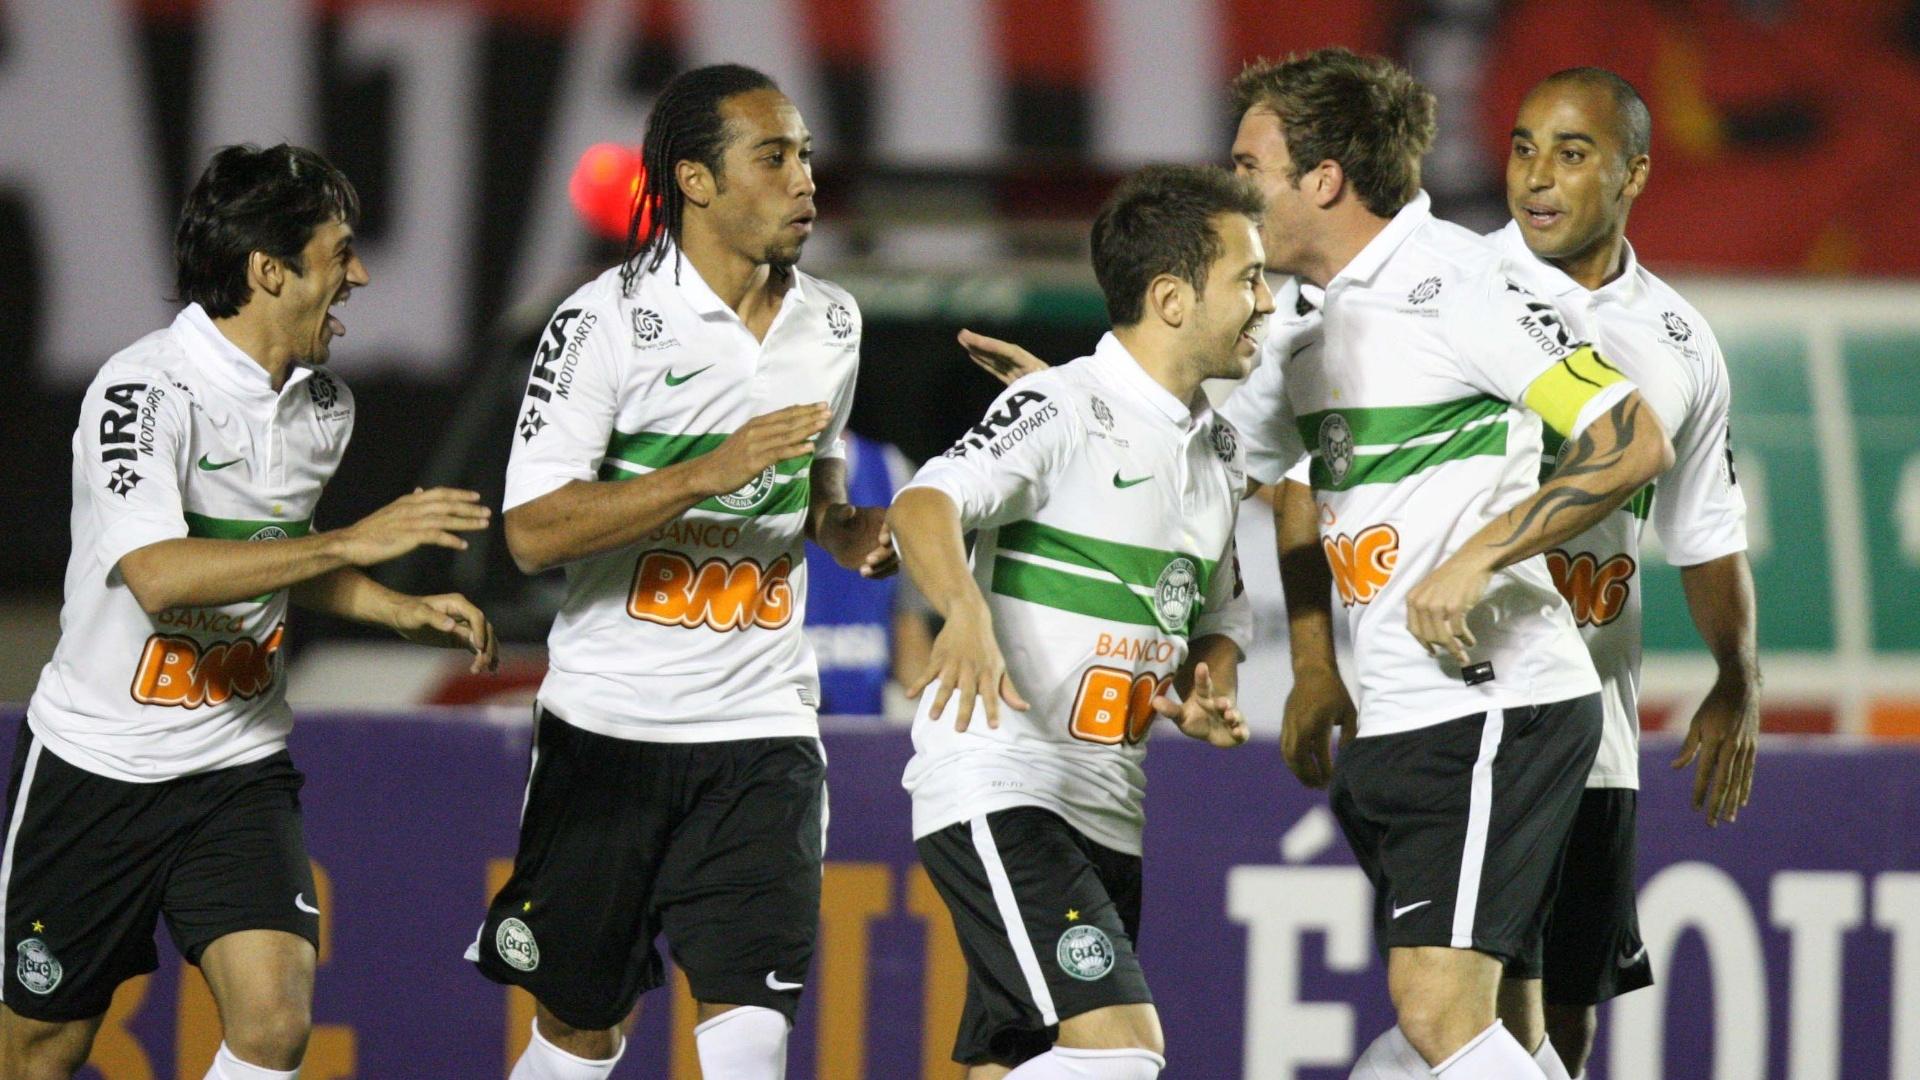 Jogadores do Coritiba comemoram gol na vitória por 2 a 1 sobre o Atlético-GO